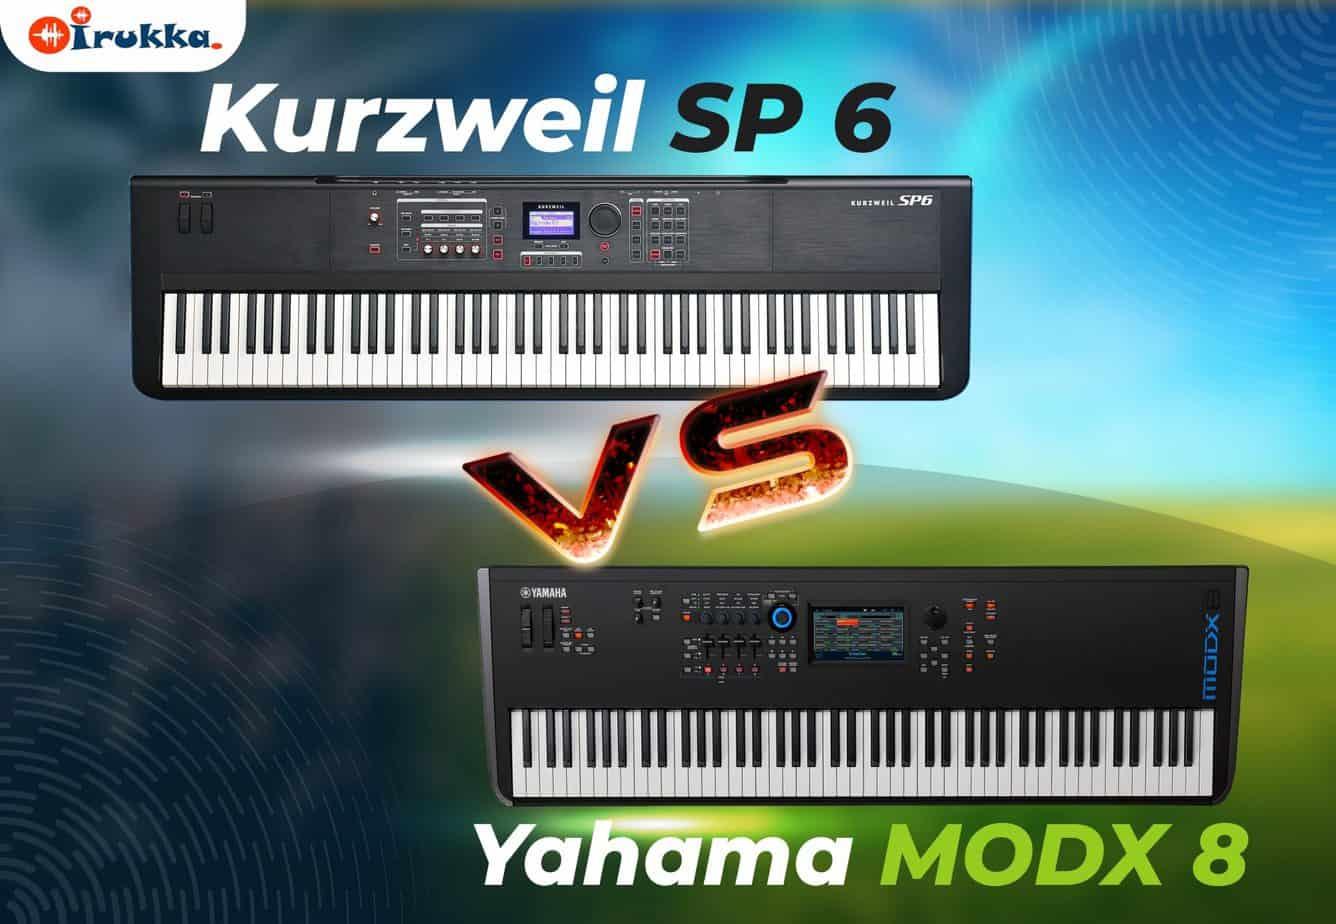 Kurzweil SP 6 VS Yahama Modx 8